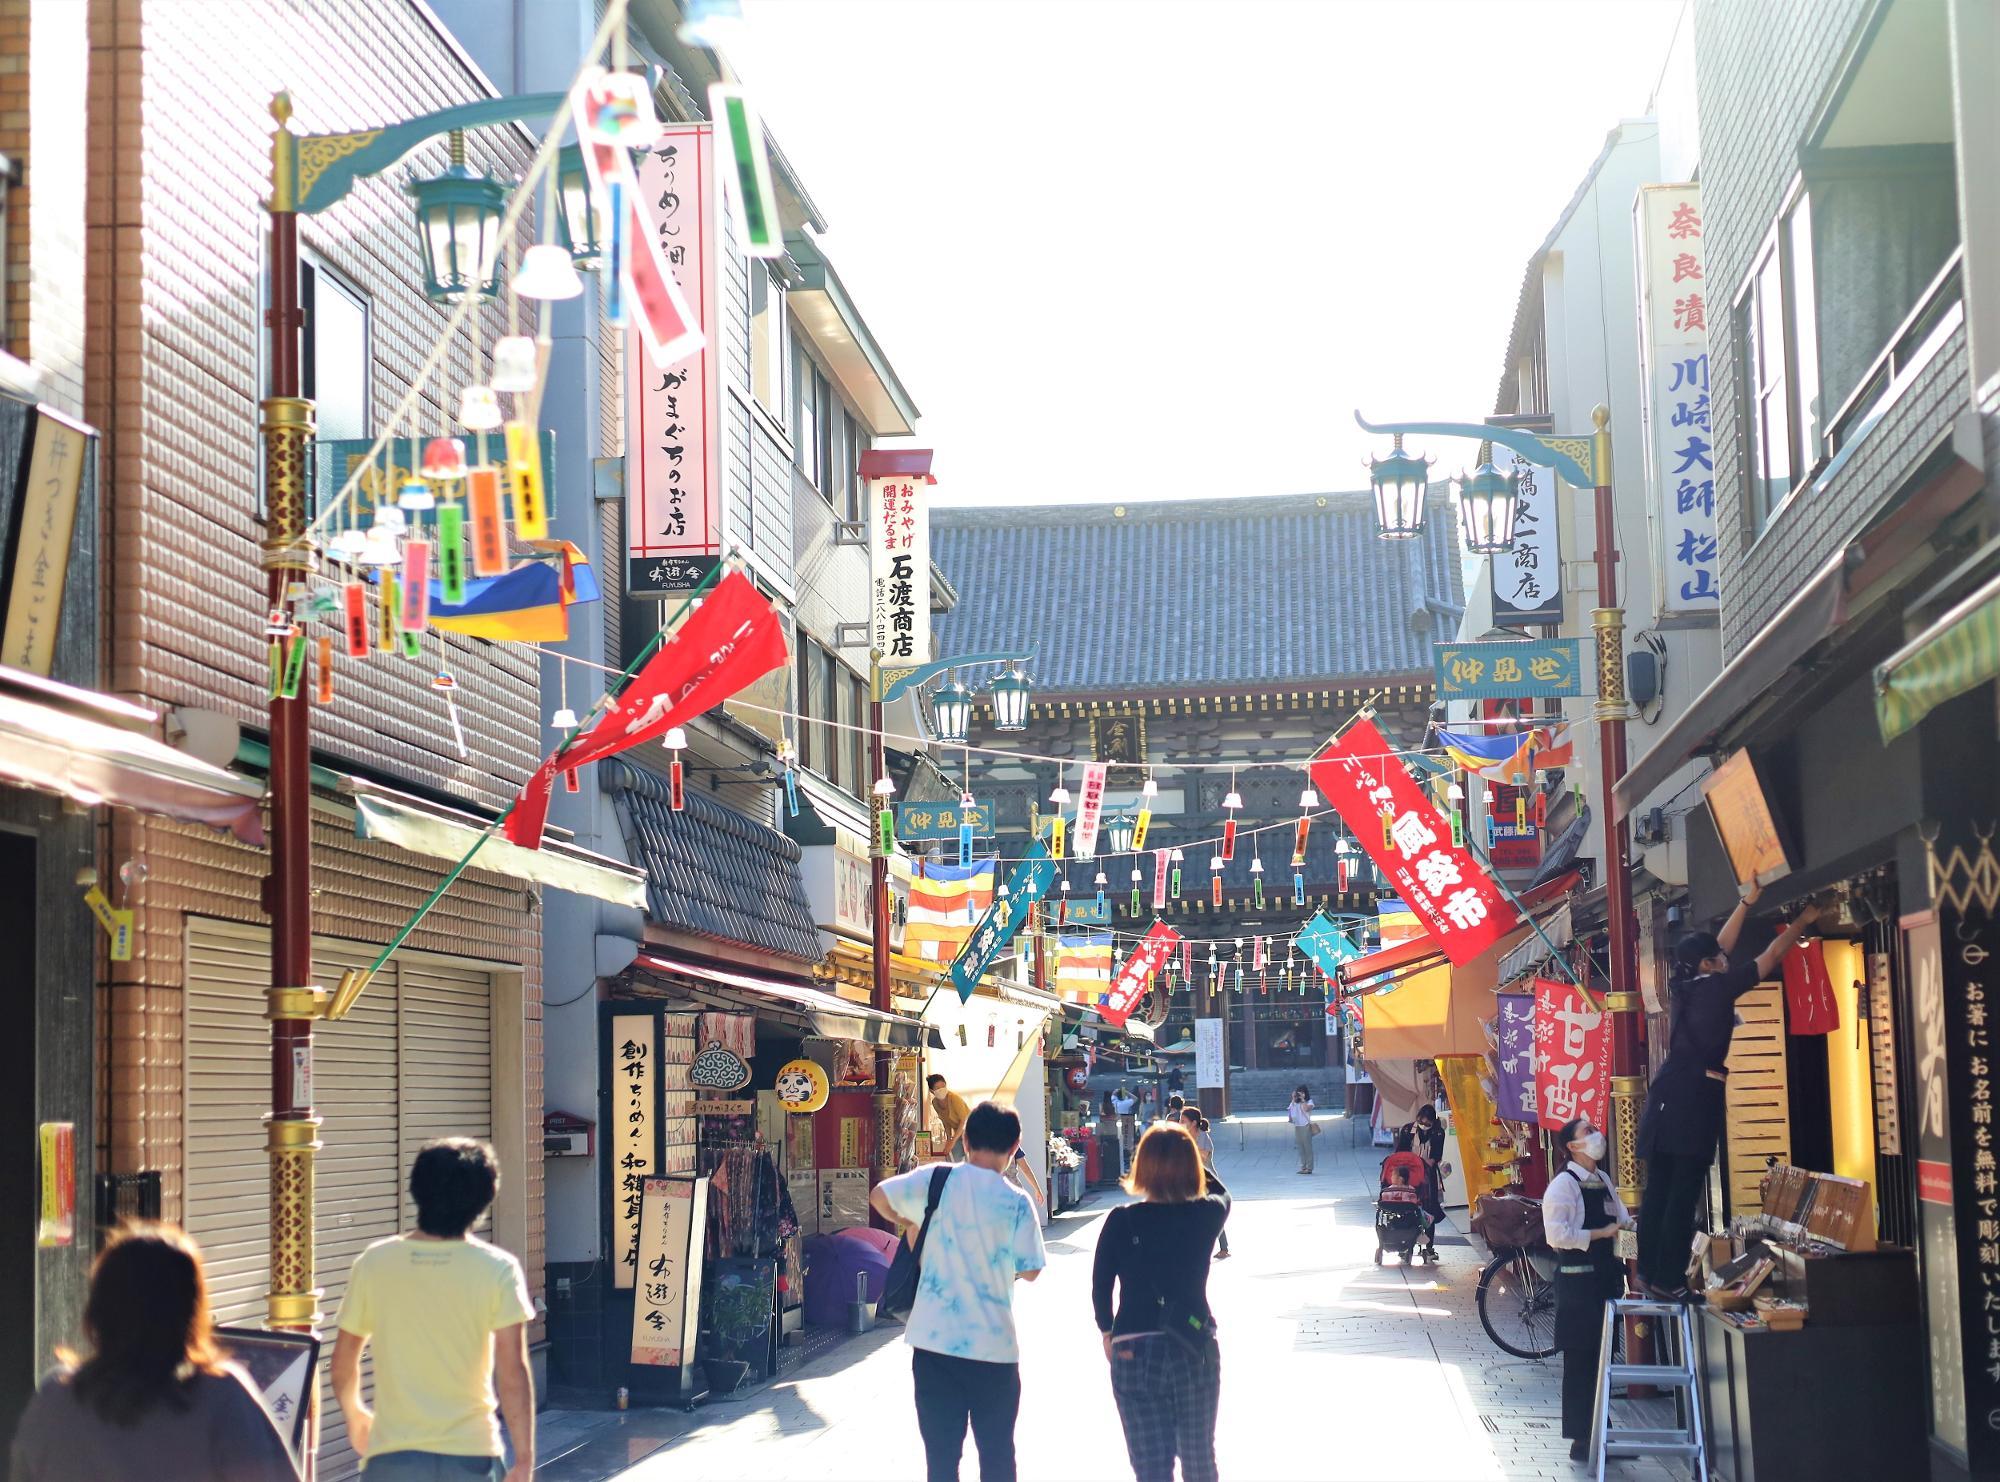 仲見世通り。商店街のいたるところに日本全国45都道府県の風鈴が並び、涼やかな音色が響く。